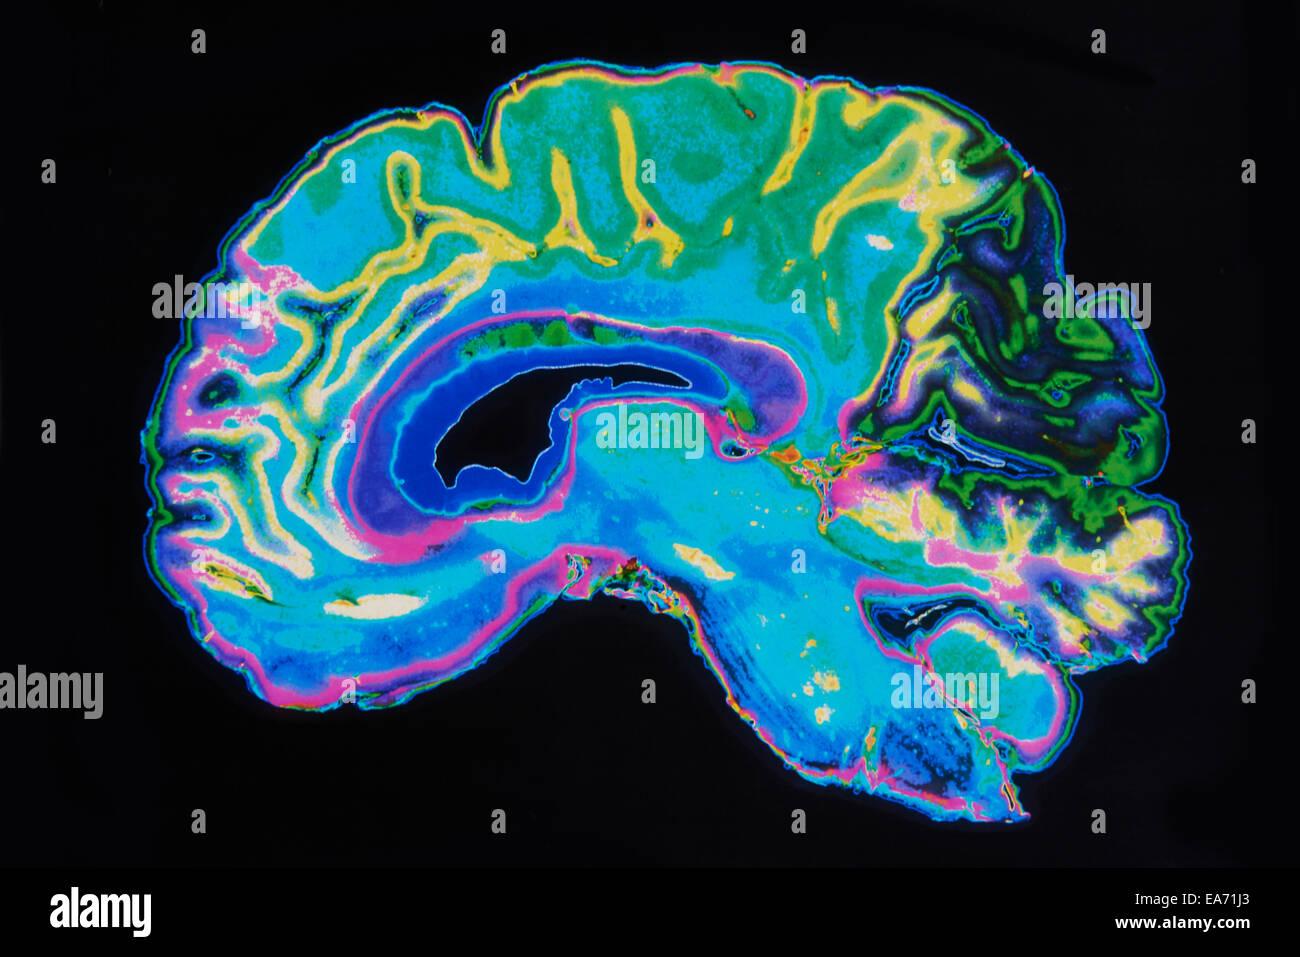 Imágenes de resonancia magnética del cerebro sobre fondo negro Imagen De Stock